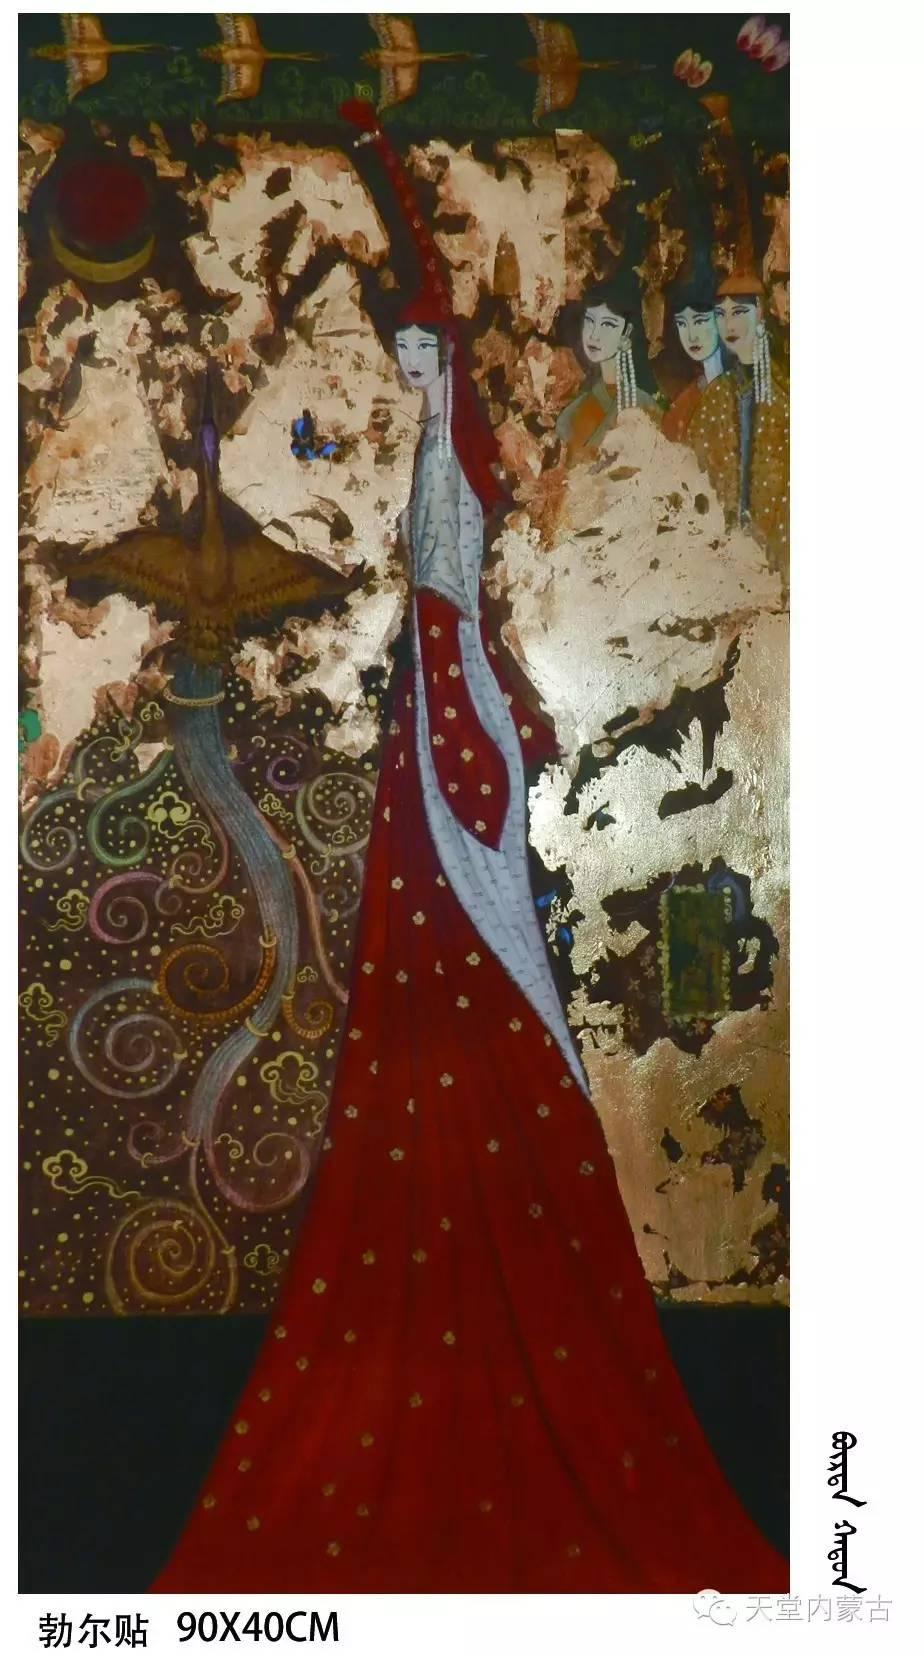 🔴内蒙古蒙古画艺术家乌云额尔德尼《故乡的呼唤》个人艺术展 第14张 🔴内蒙古蒙古画艺术家乌云额尔德尼《故乡的呼唤》个人艺术展 蒙古画廊